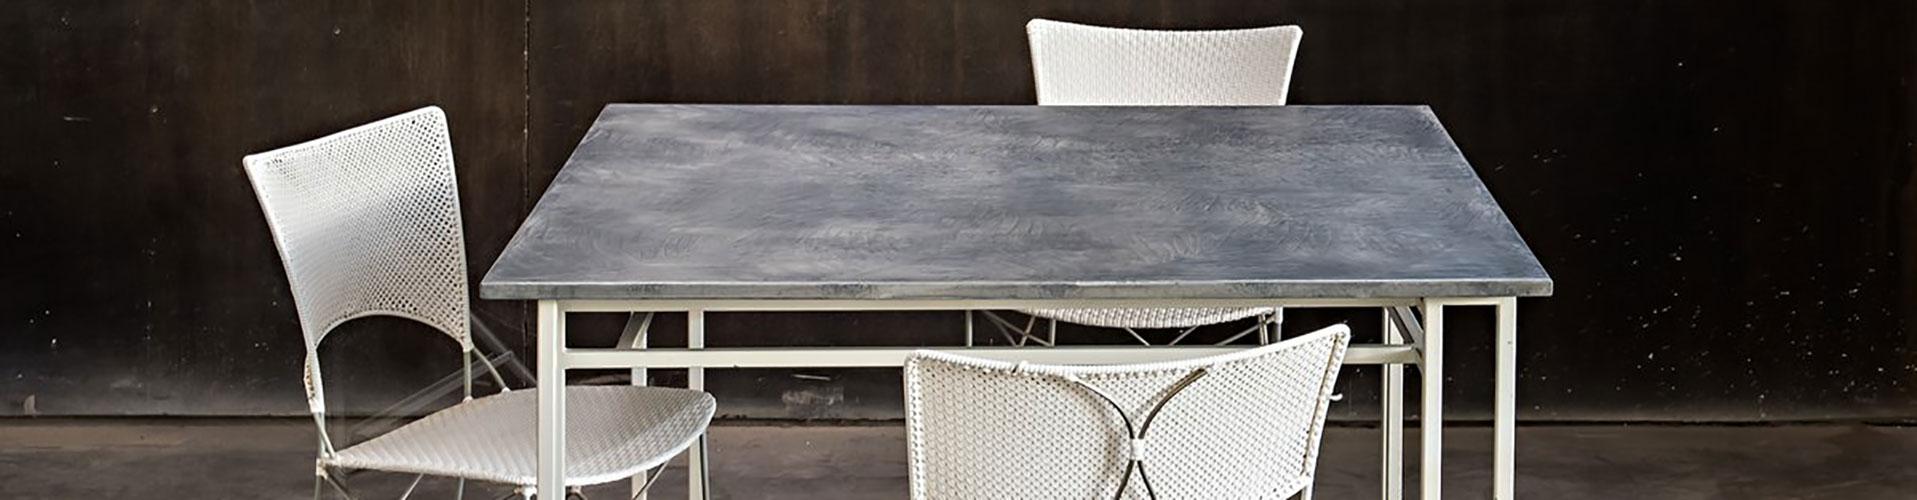 שולחן בטון מעוצב לגינה